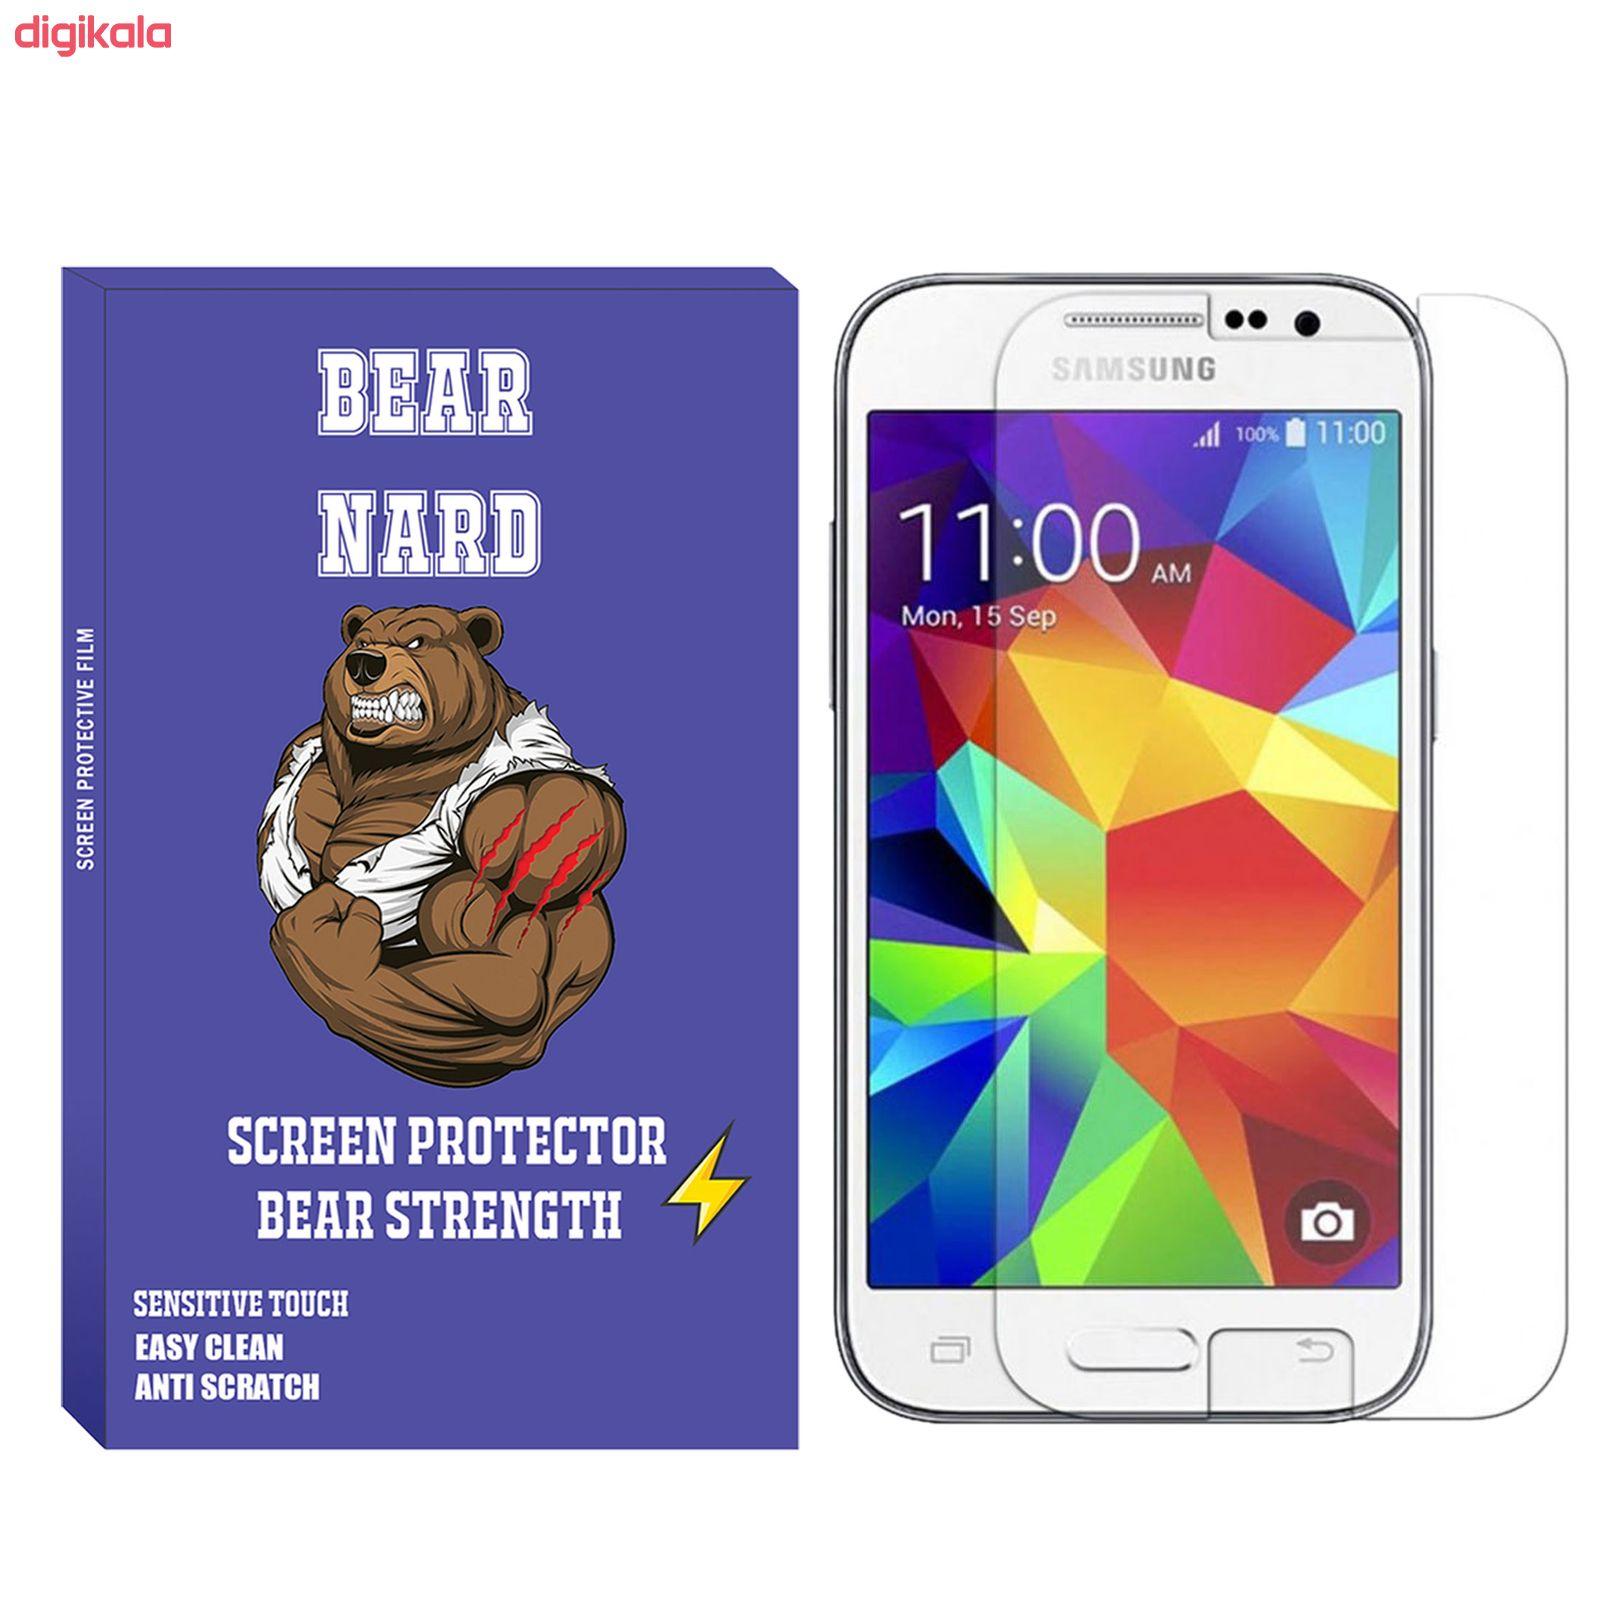 محافظ صفحه نمایش برنارد مدل SDB-01 مناسب برای گوشی موبایل سامسونگ Galaxy J2 2015 main 1 1